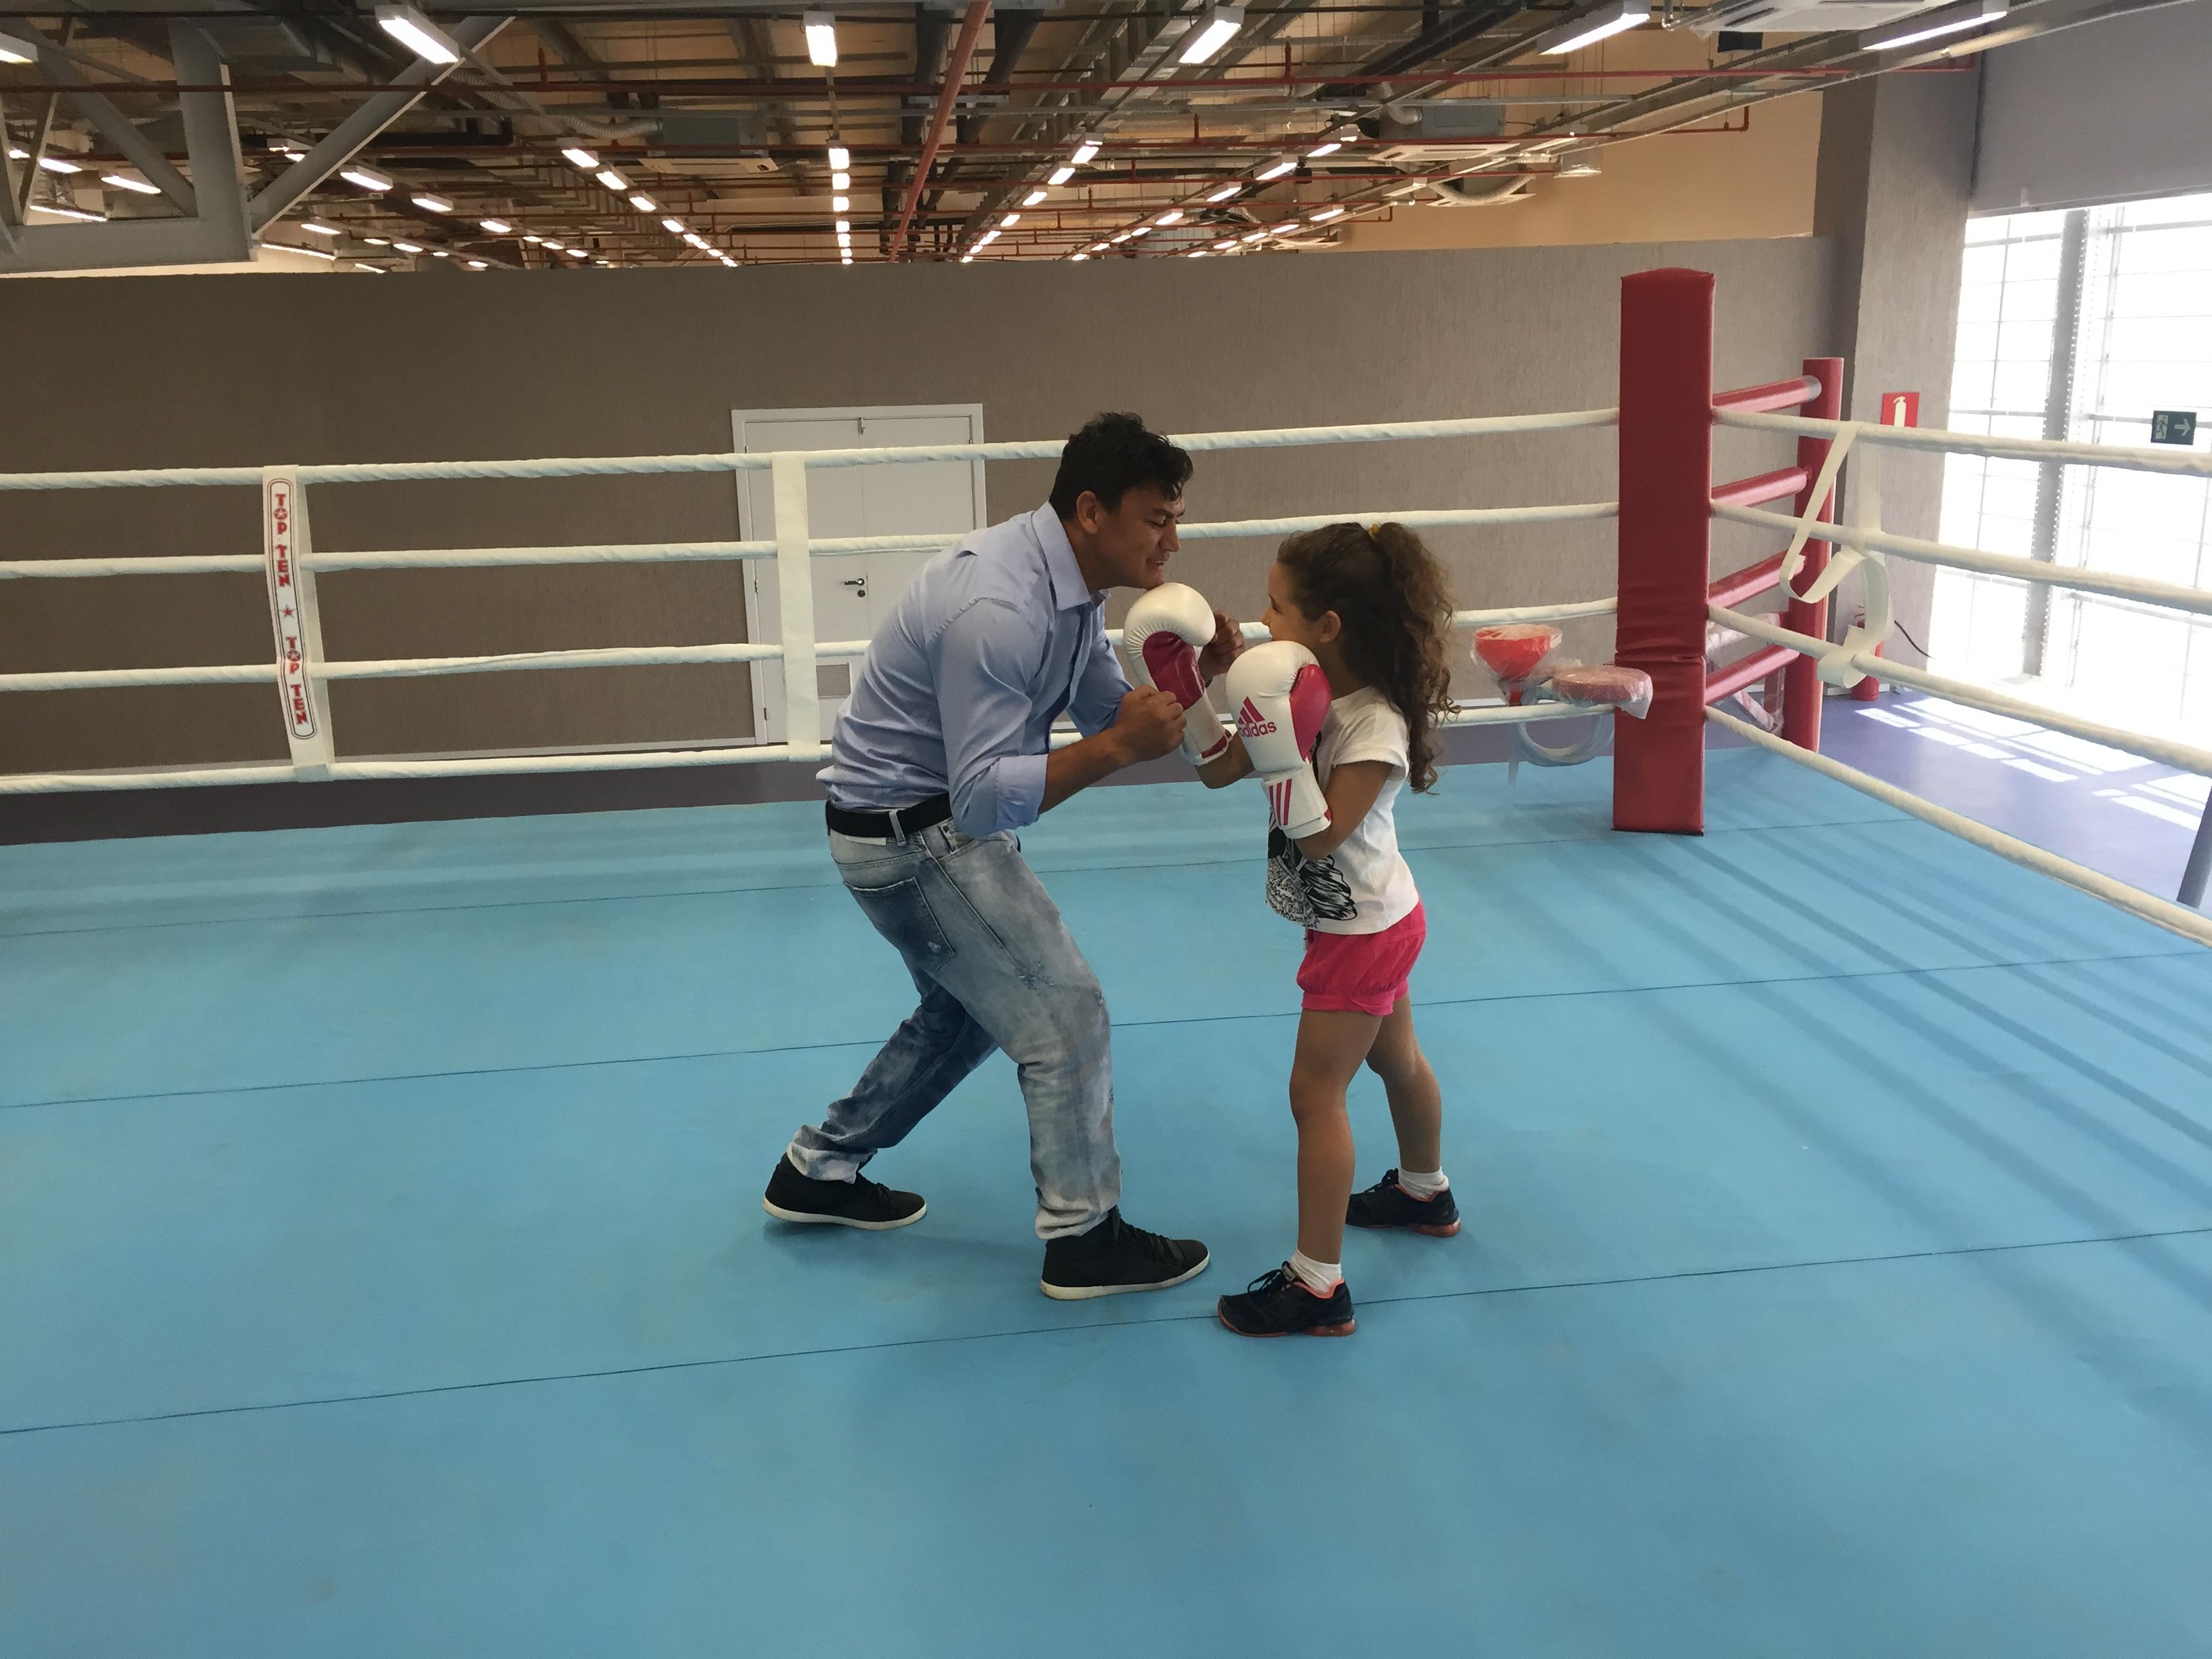 Popó visitou o local apropriado para o boxe no Centro Olímpico e ainda recebeu fãs cearenses (Foto: Lucas Catrib)